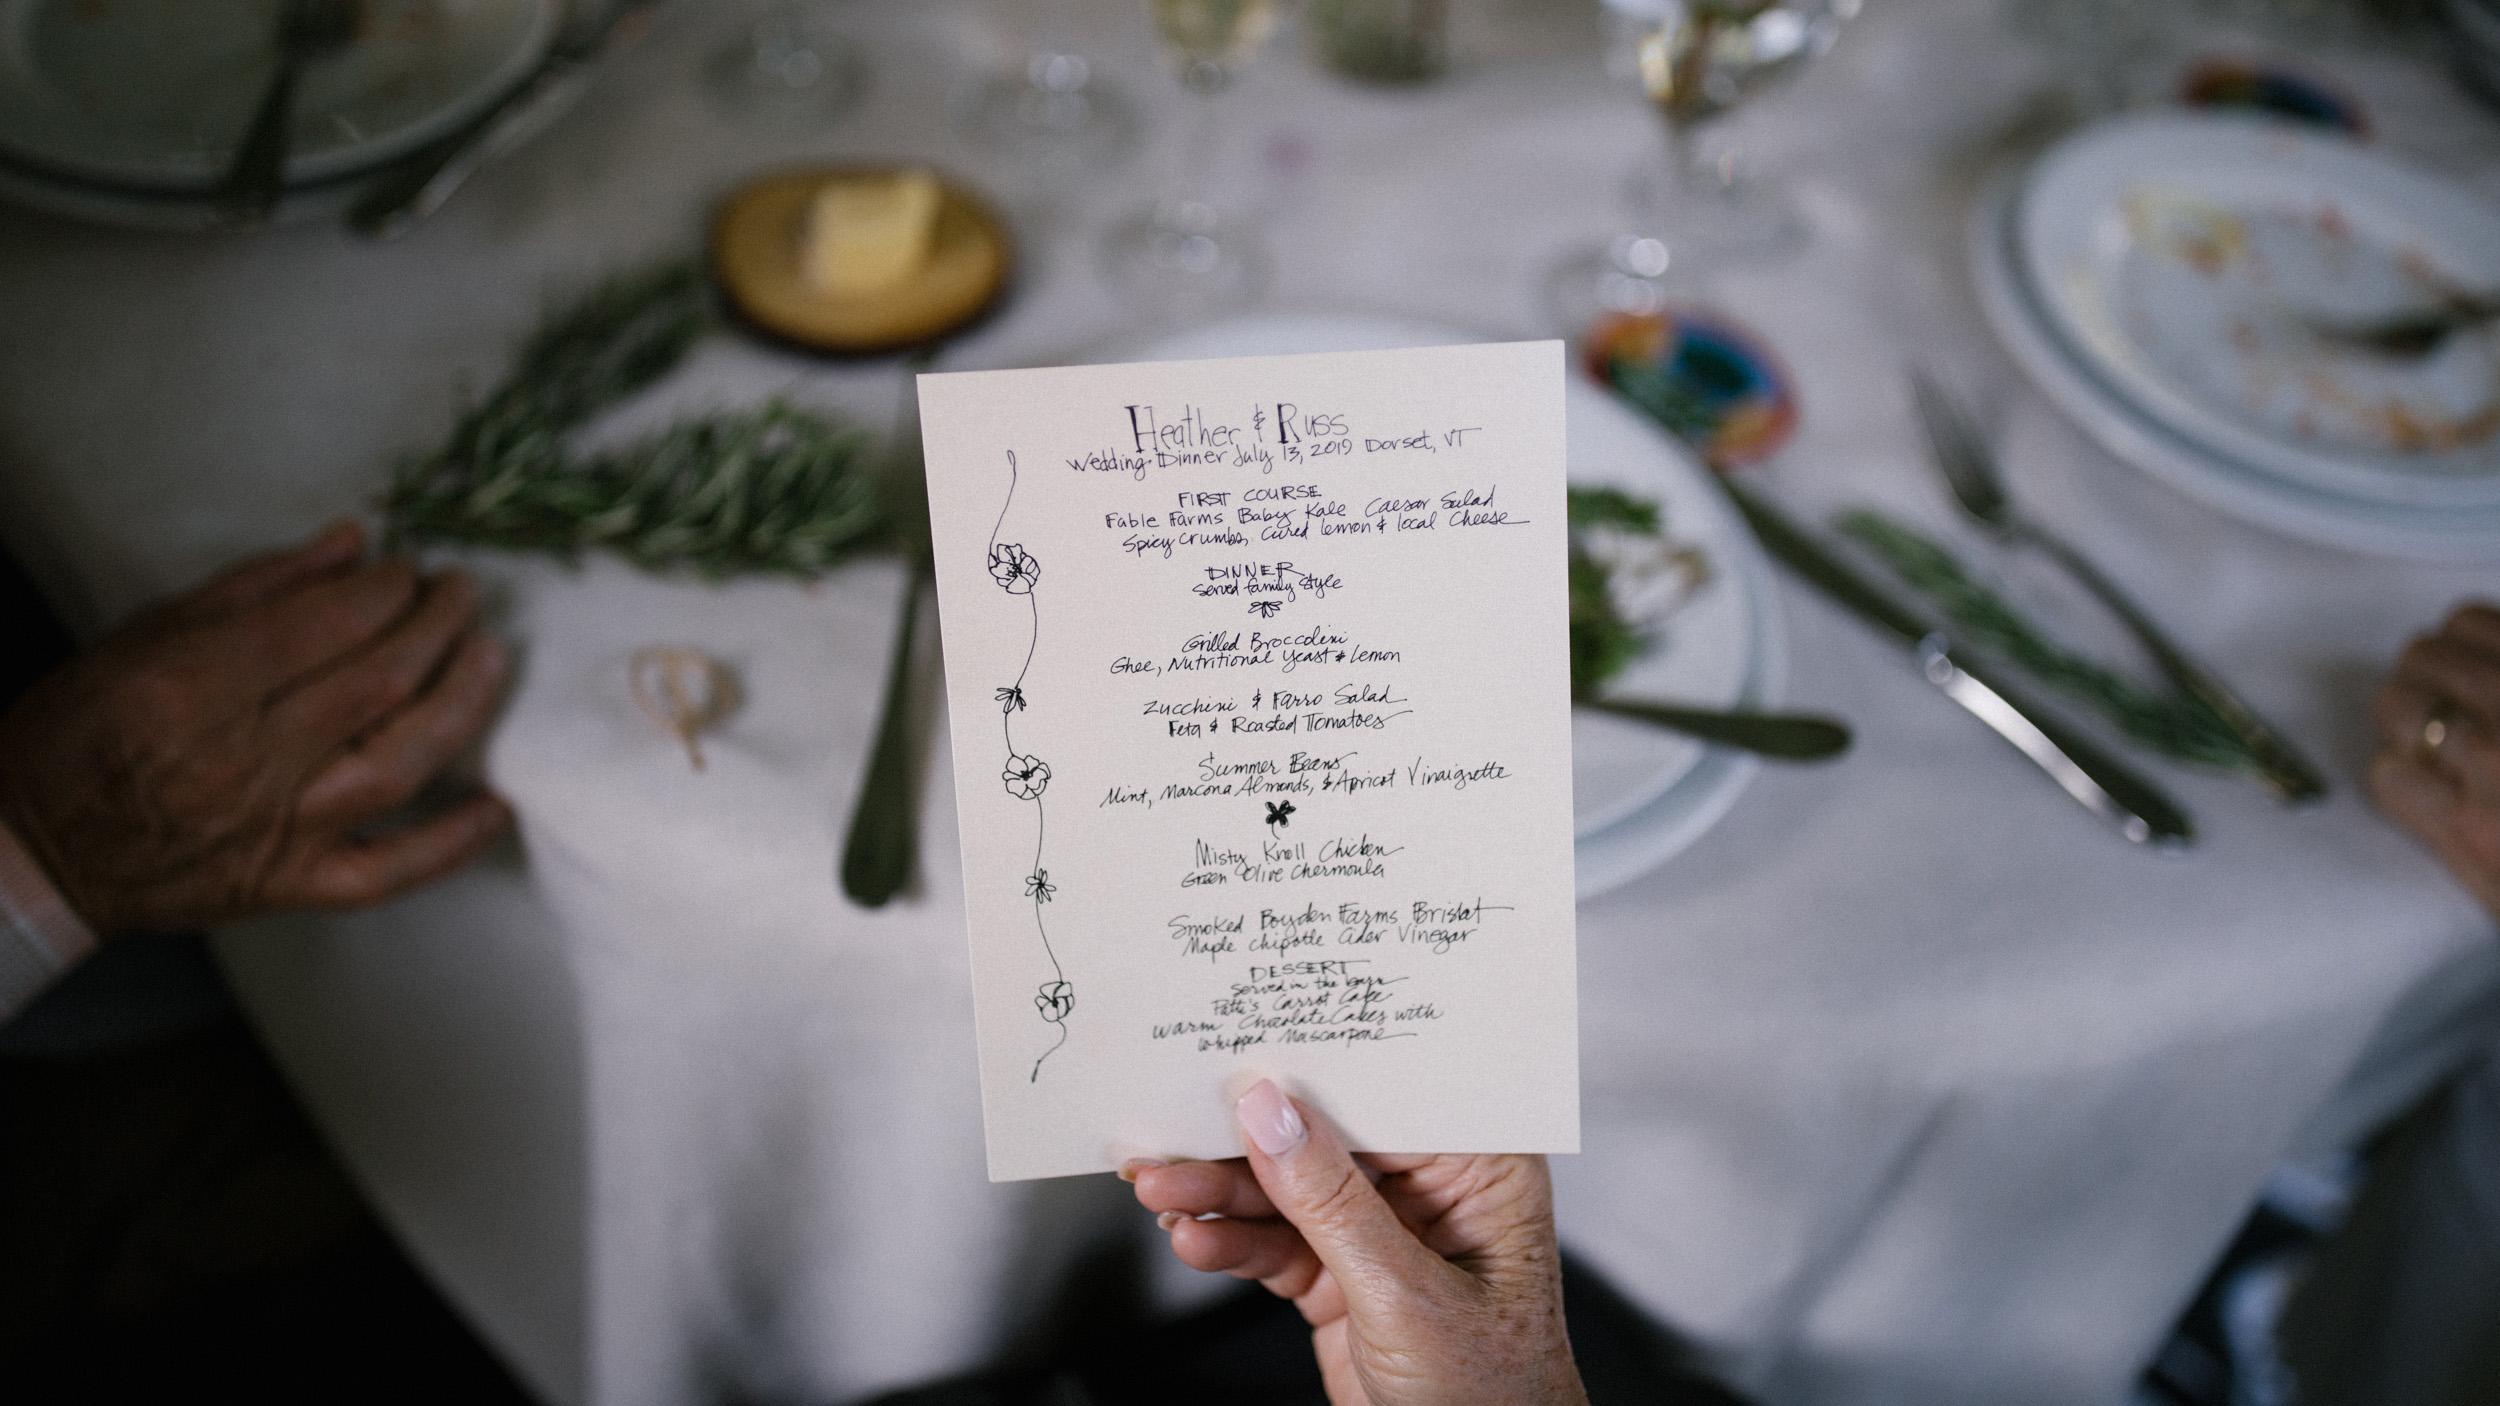 alec_vanderboom_vermont_wedding_photography-0108.jpg